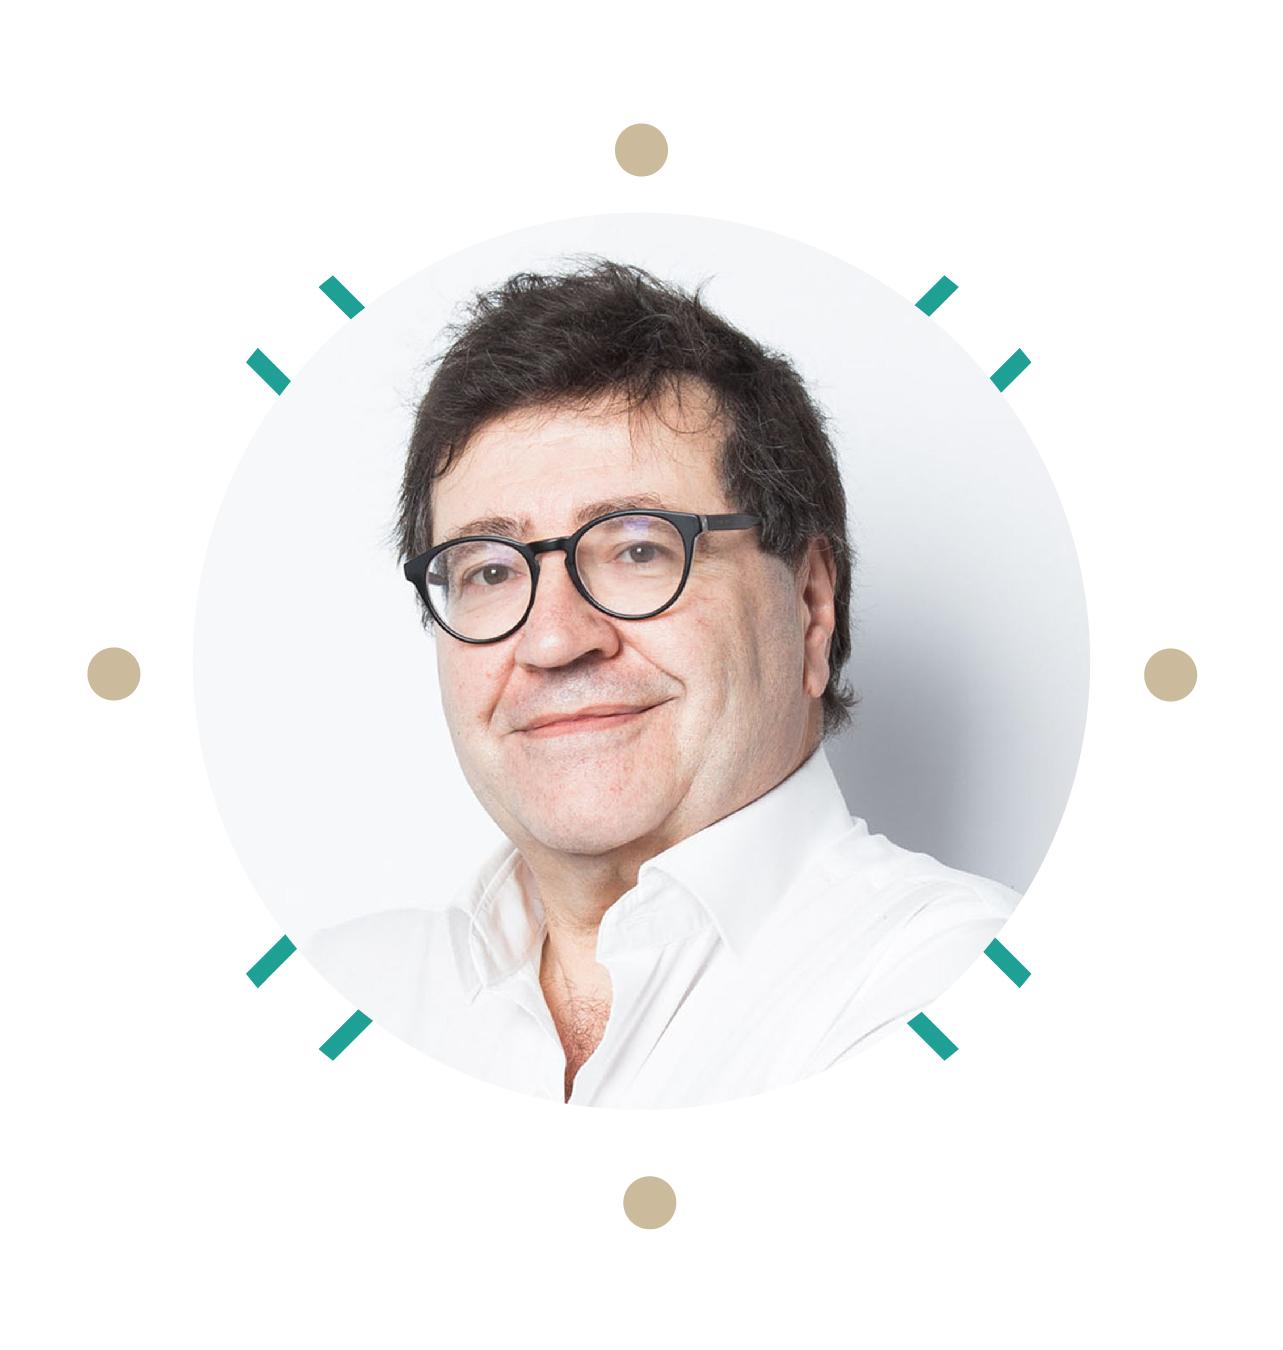 Manolo Portabella-01